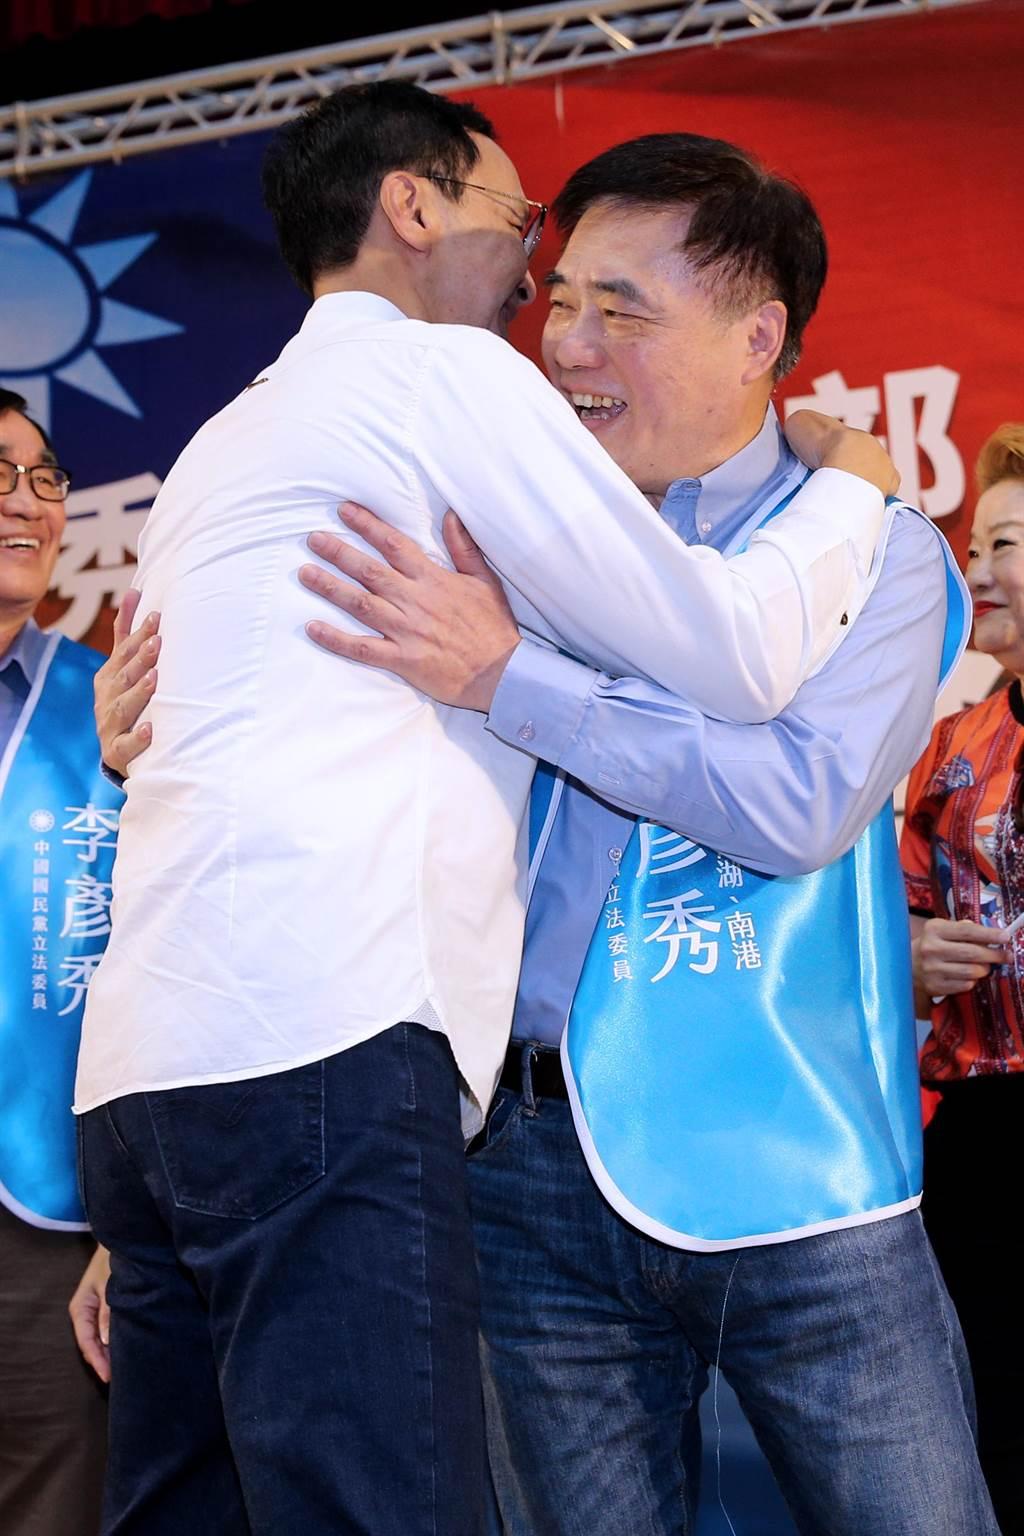 國民黨副主席郝龍斌(右)17日為北市立委參選人李彥秀站台,向前新北市長朱立倫(左)擁抱致意。(黃世麒攝)